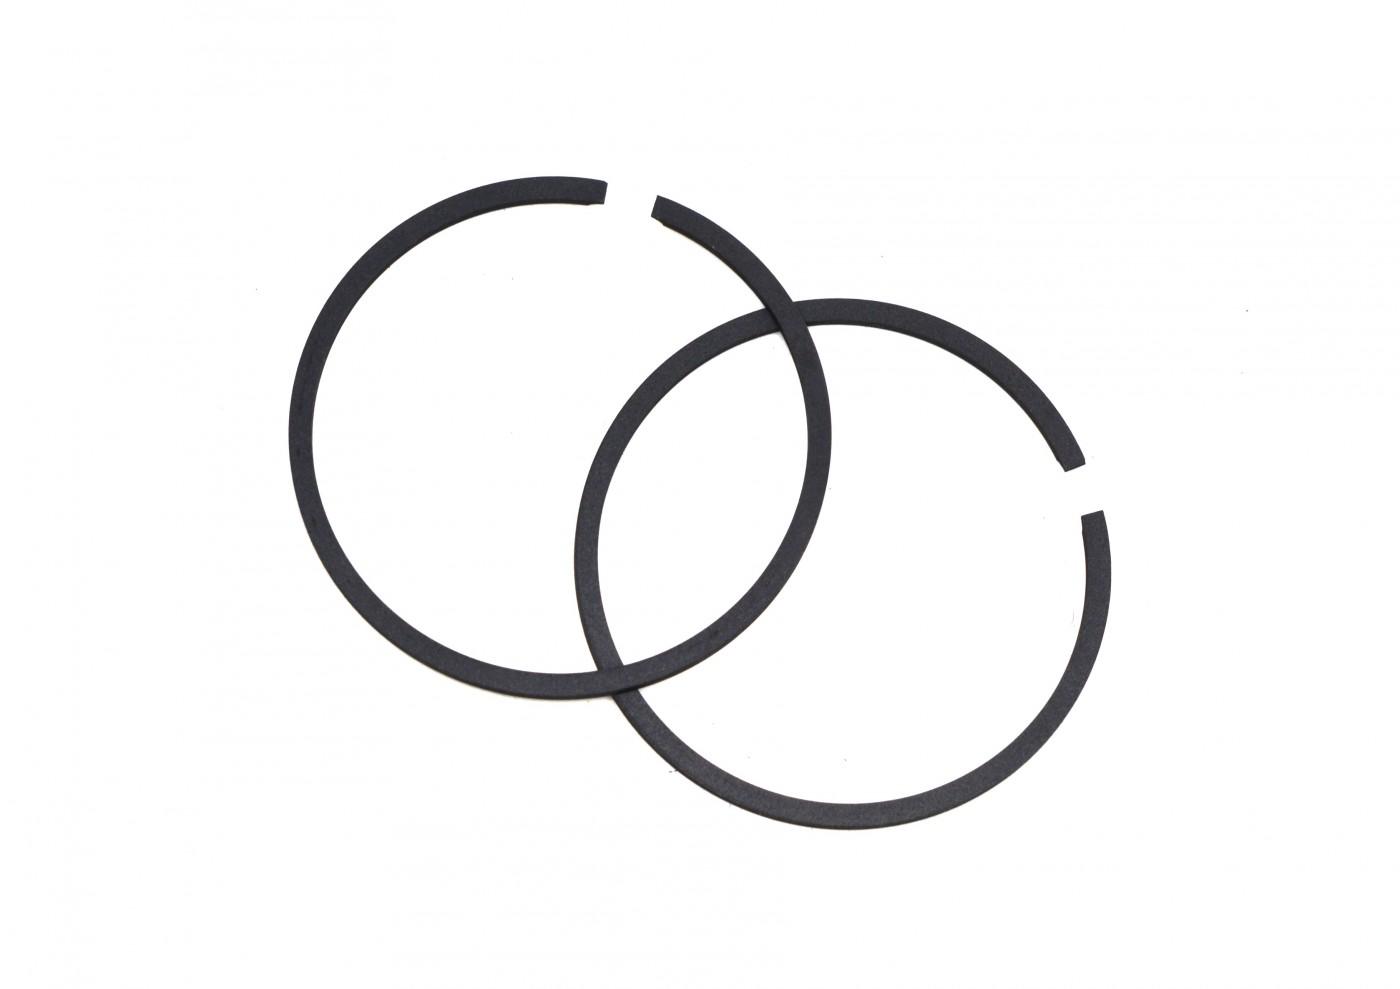 Sada pístních kroužků - 41 mm